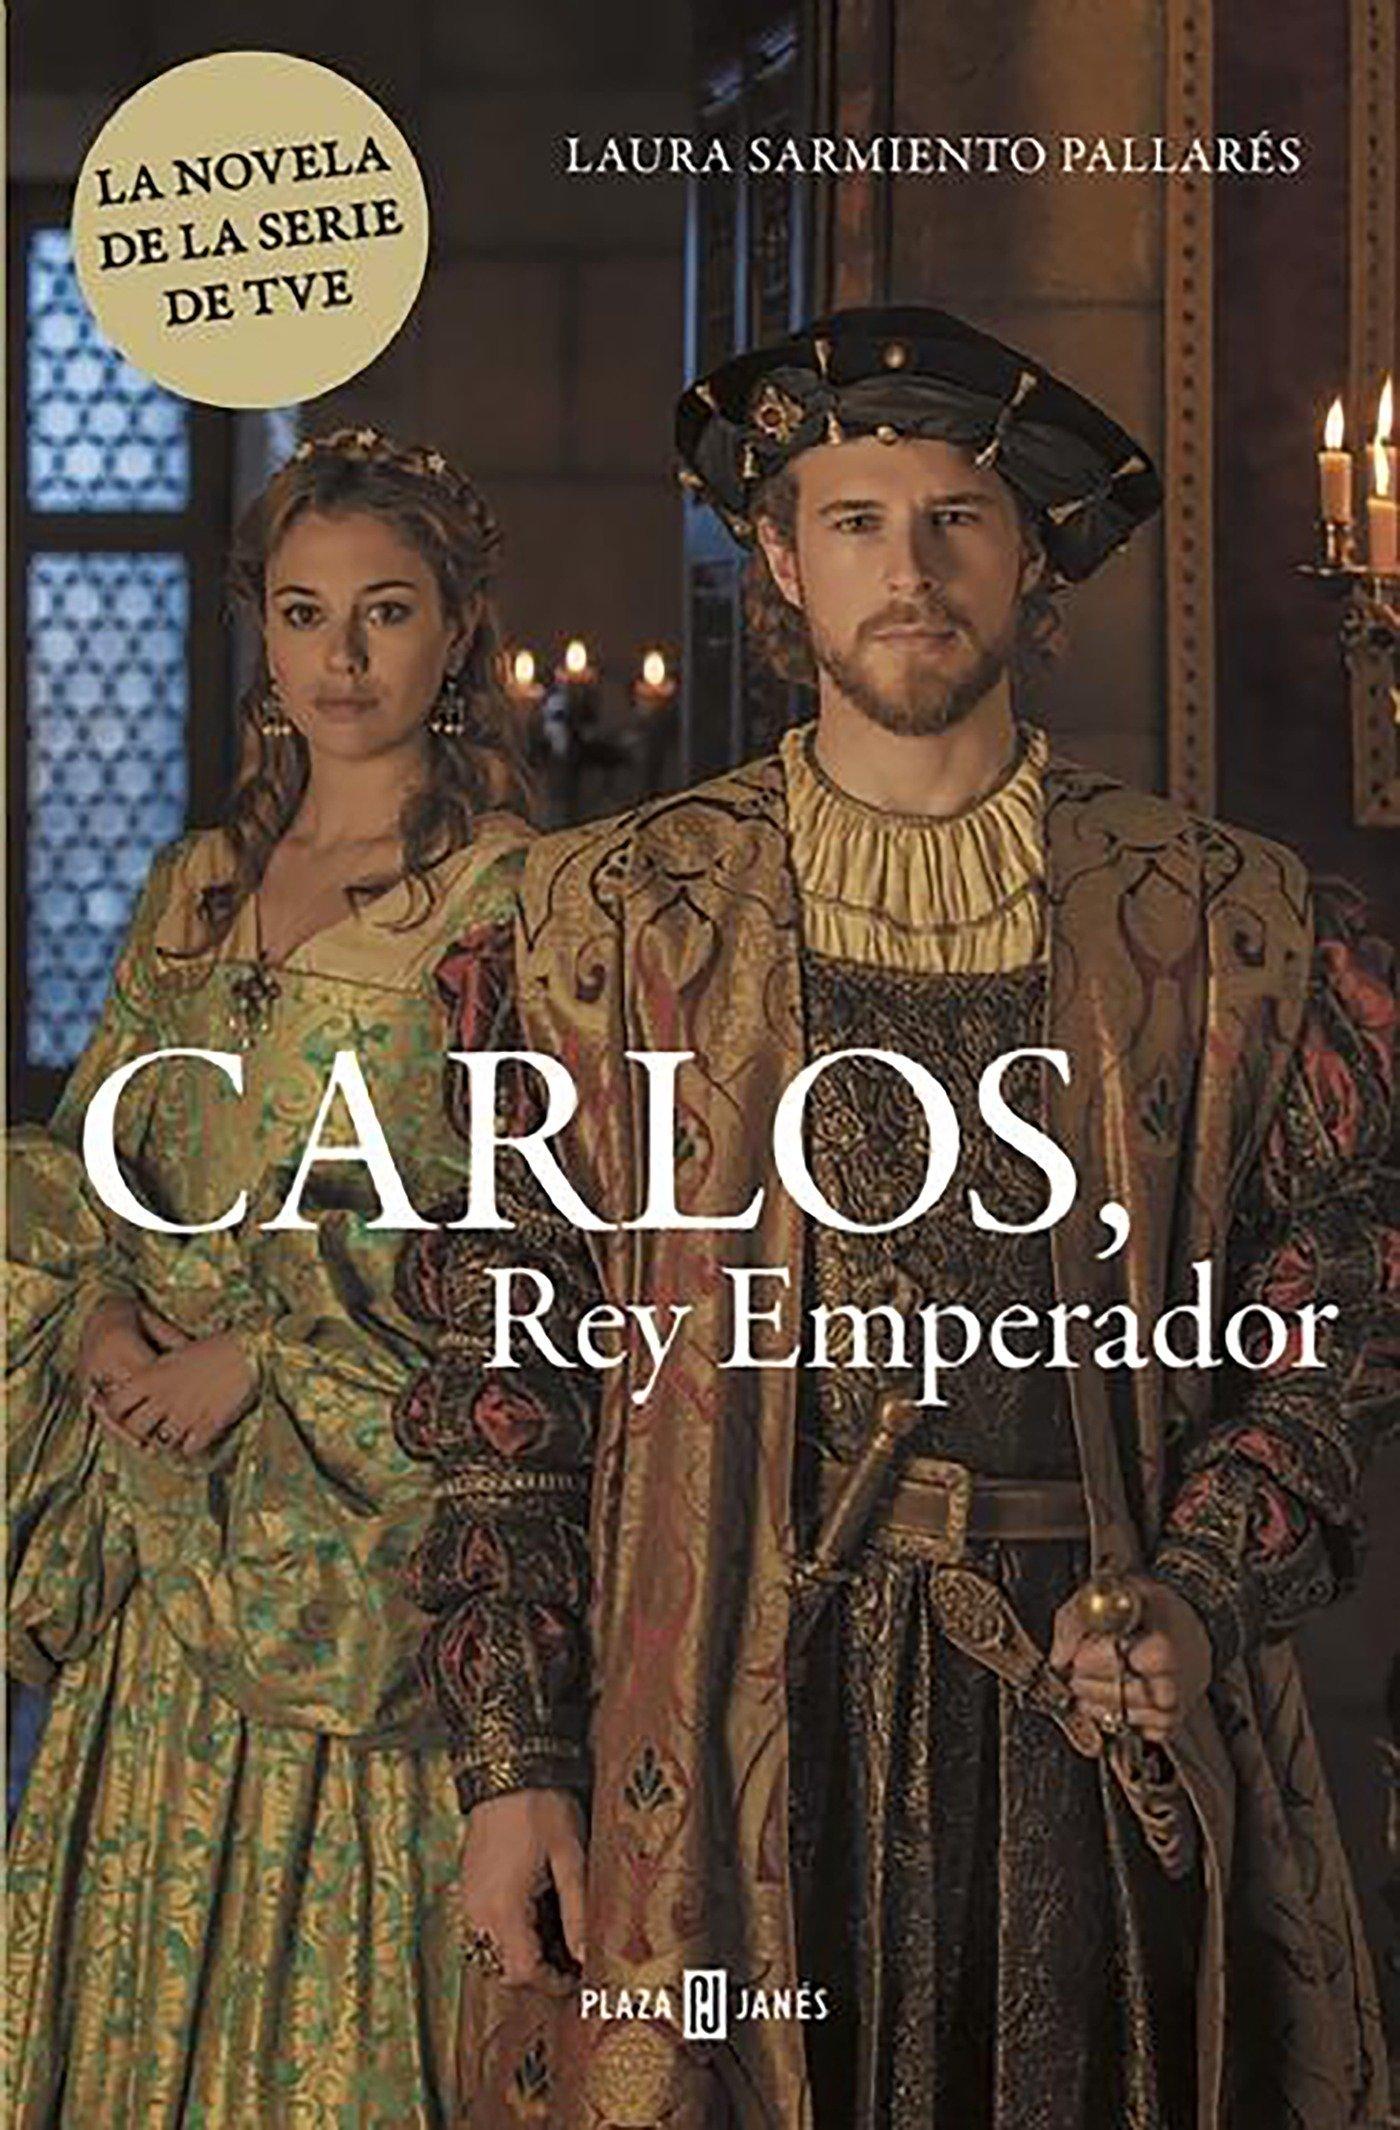 Carlos, Rey Emperador (OBRAS DIVERSAS): Amazon.es: Laura Sarmiento Pallarés: Libros